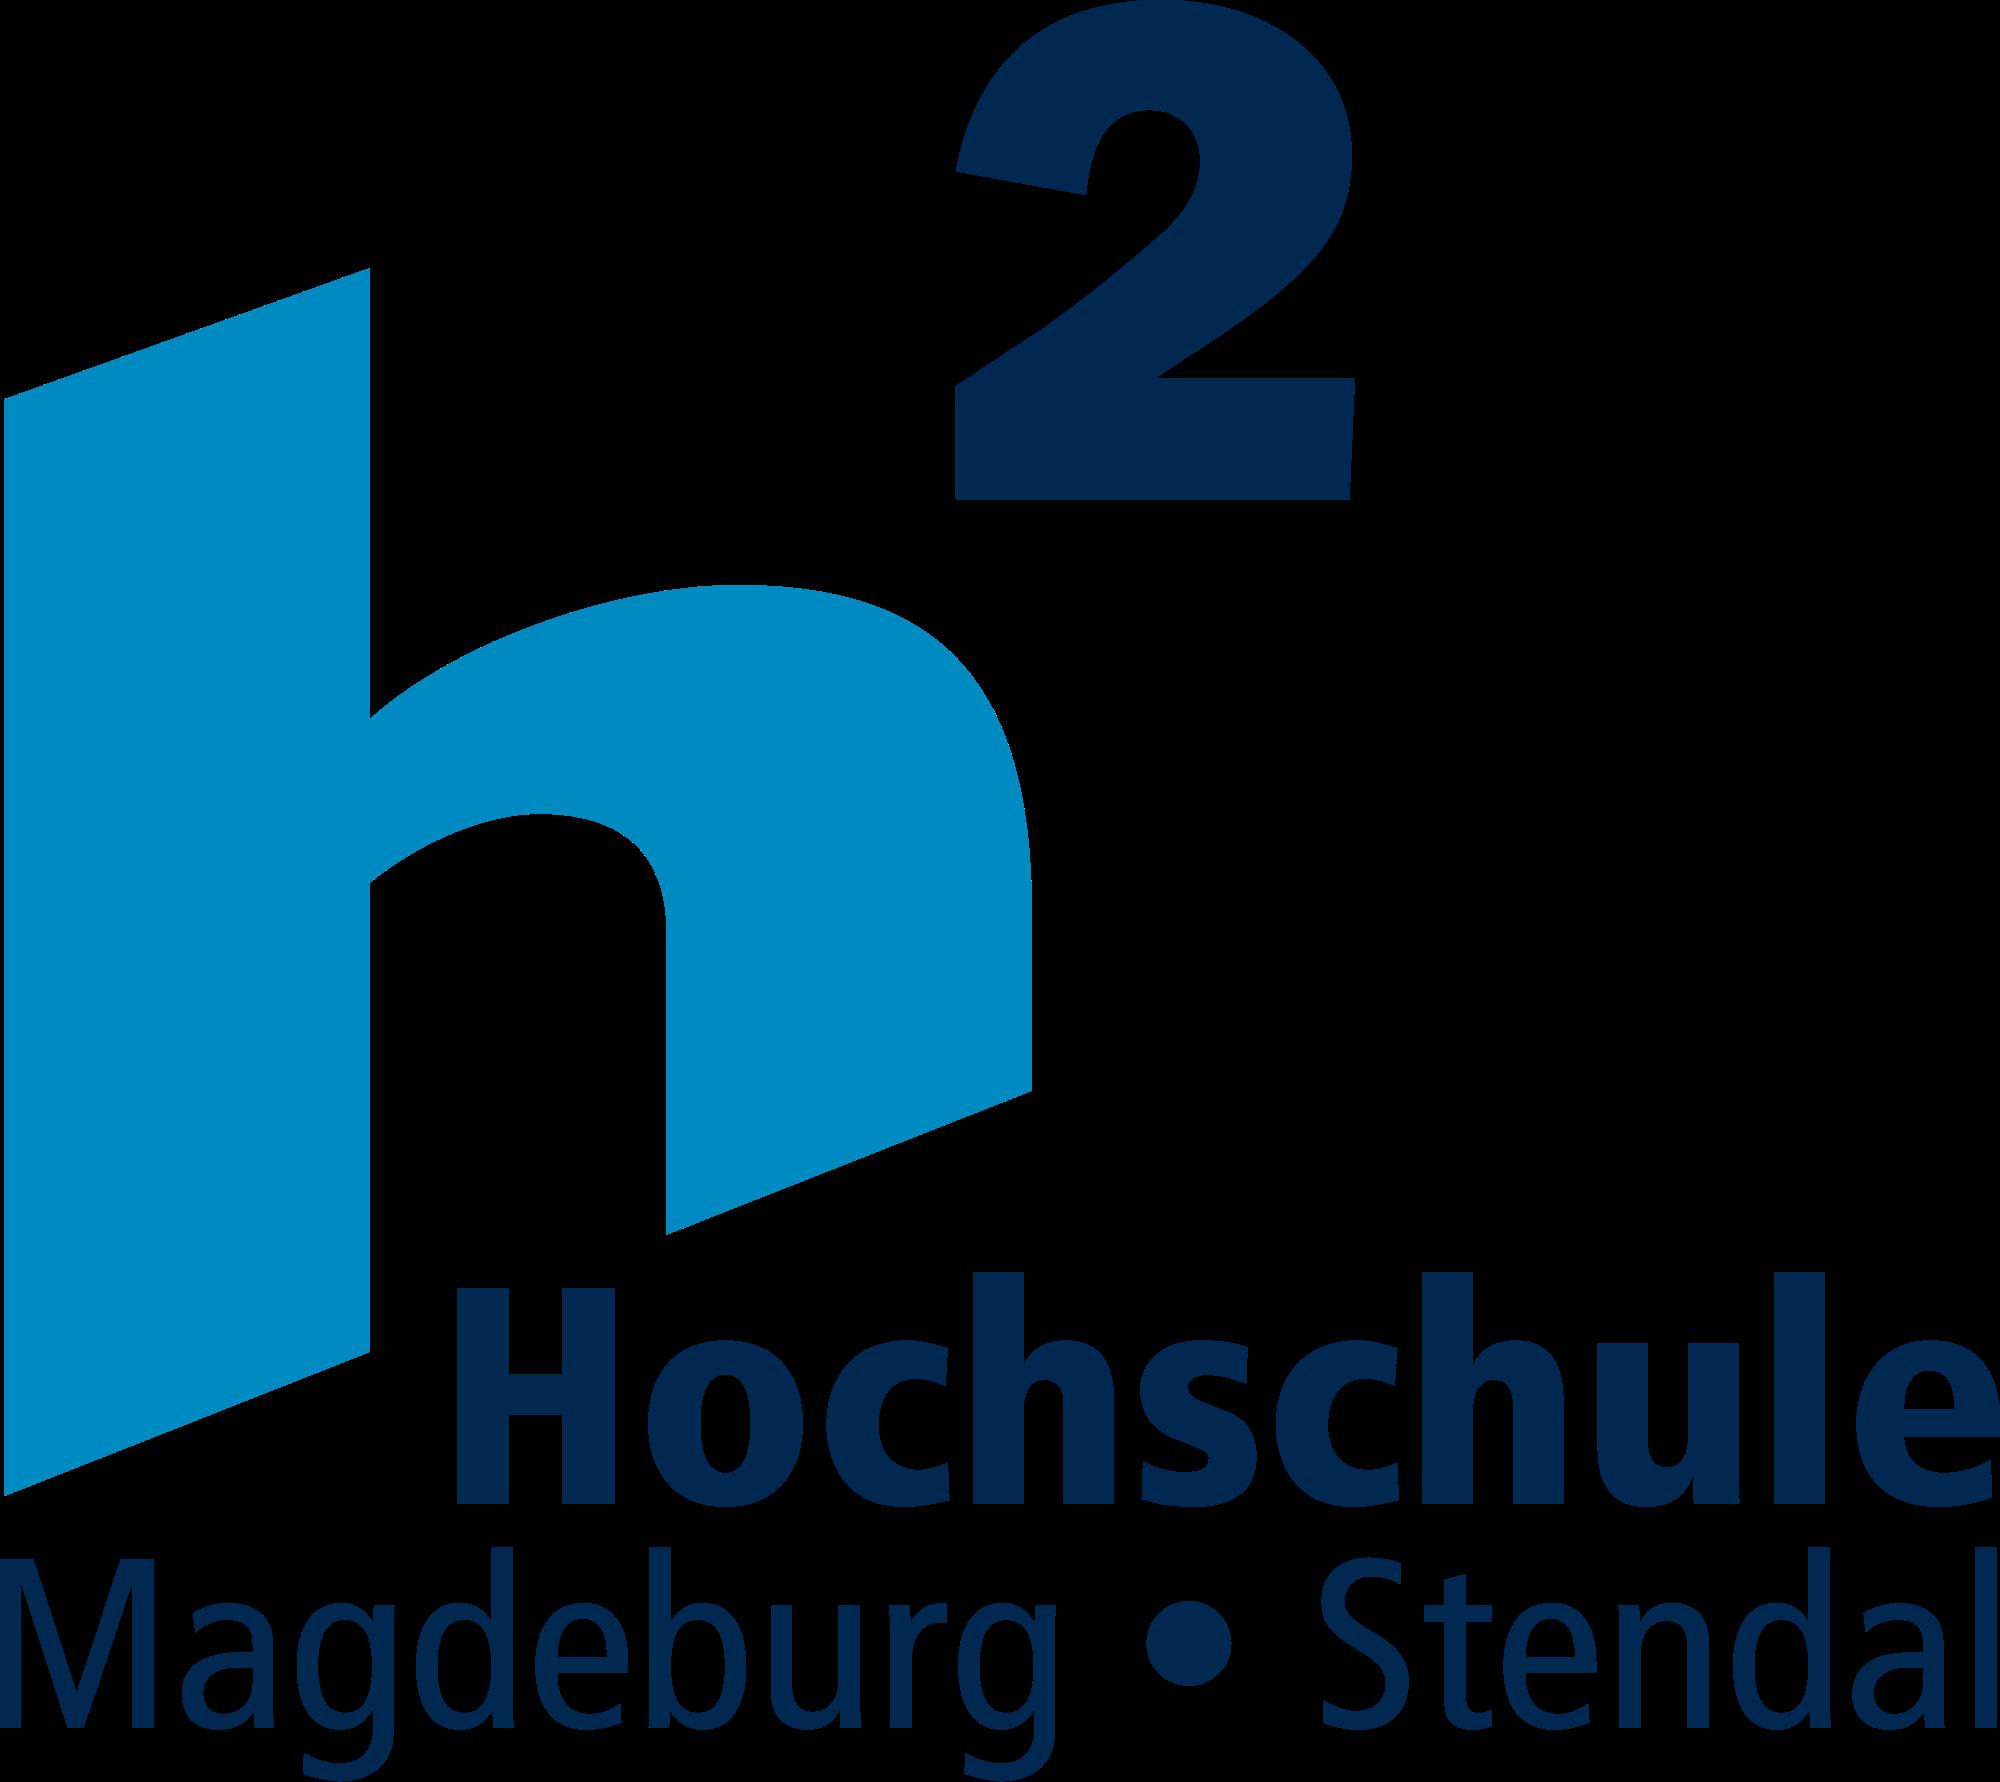 Logo Hs.